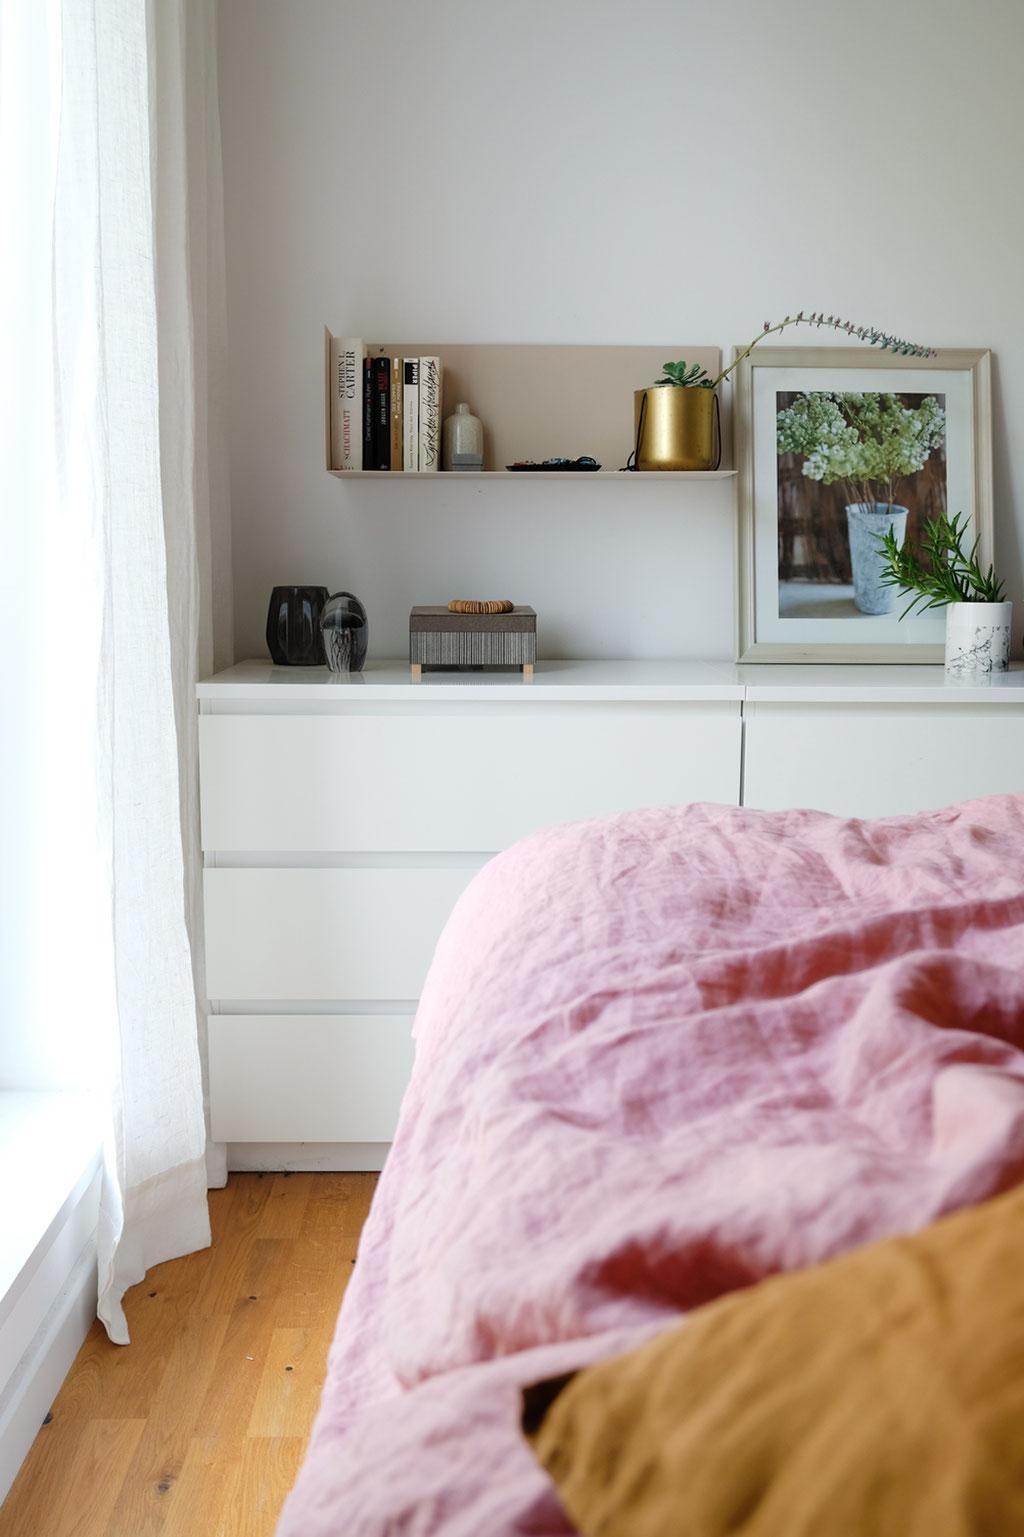 Ab Herbst - neue Farben im Schlafzimmer. - dieartige ...